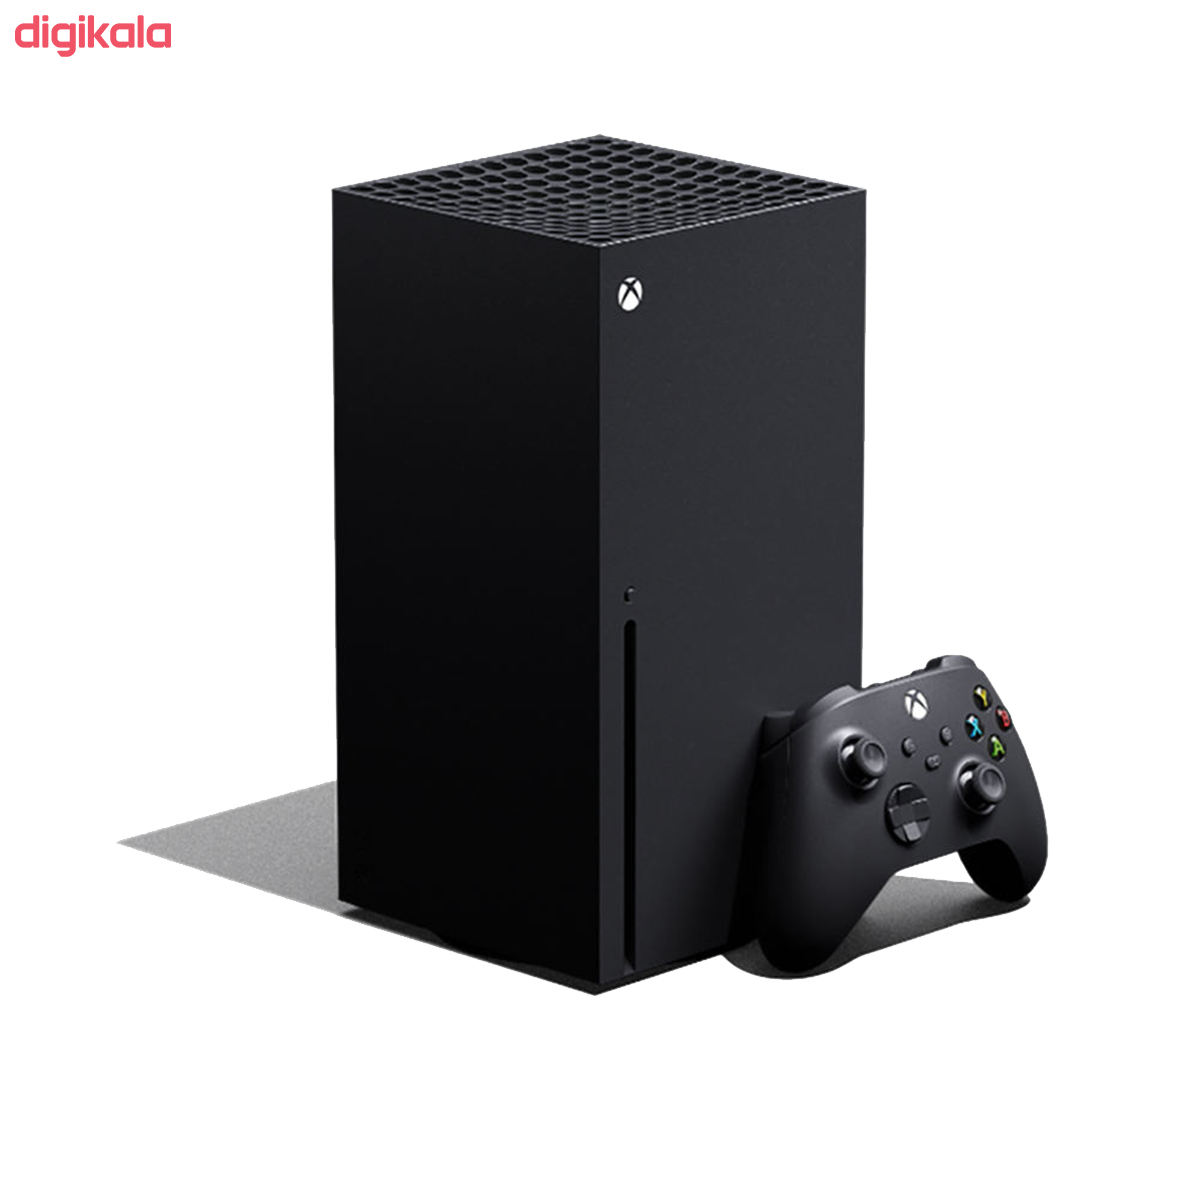 مجموعه کنسول بازی مایکروسافت مدل Xbox Series X ظرفیت 1 ترابایت main 1 1